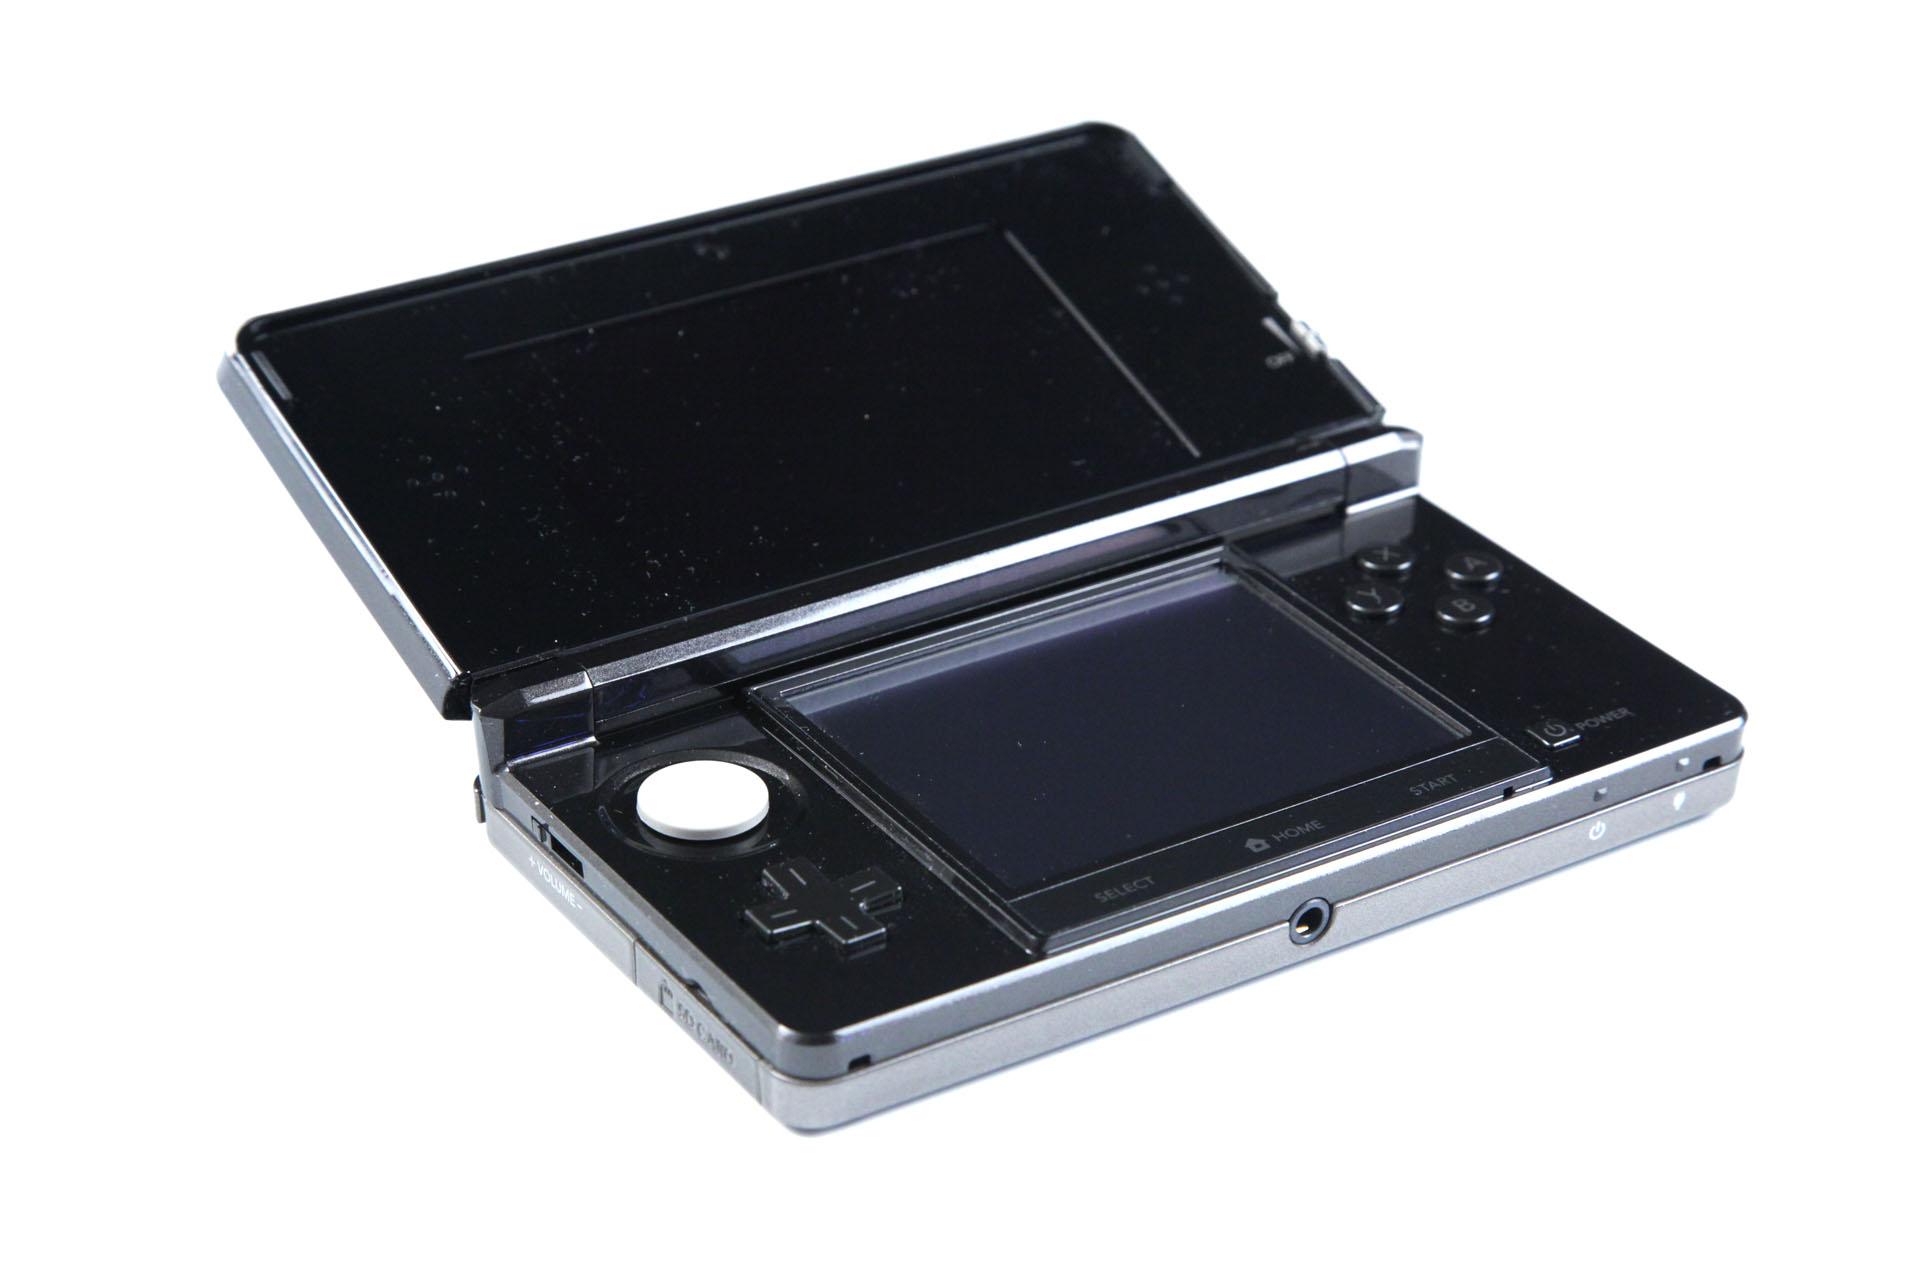 3DS: Nintendos Neuer im Importtest - In Anthrazit, wie dieses japanische 3DS, ist die Konsole ein besonders starker Fusselmagnet. (Foto: mw)